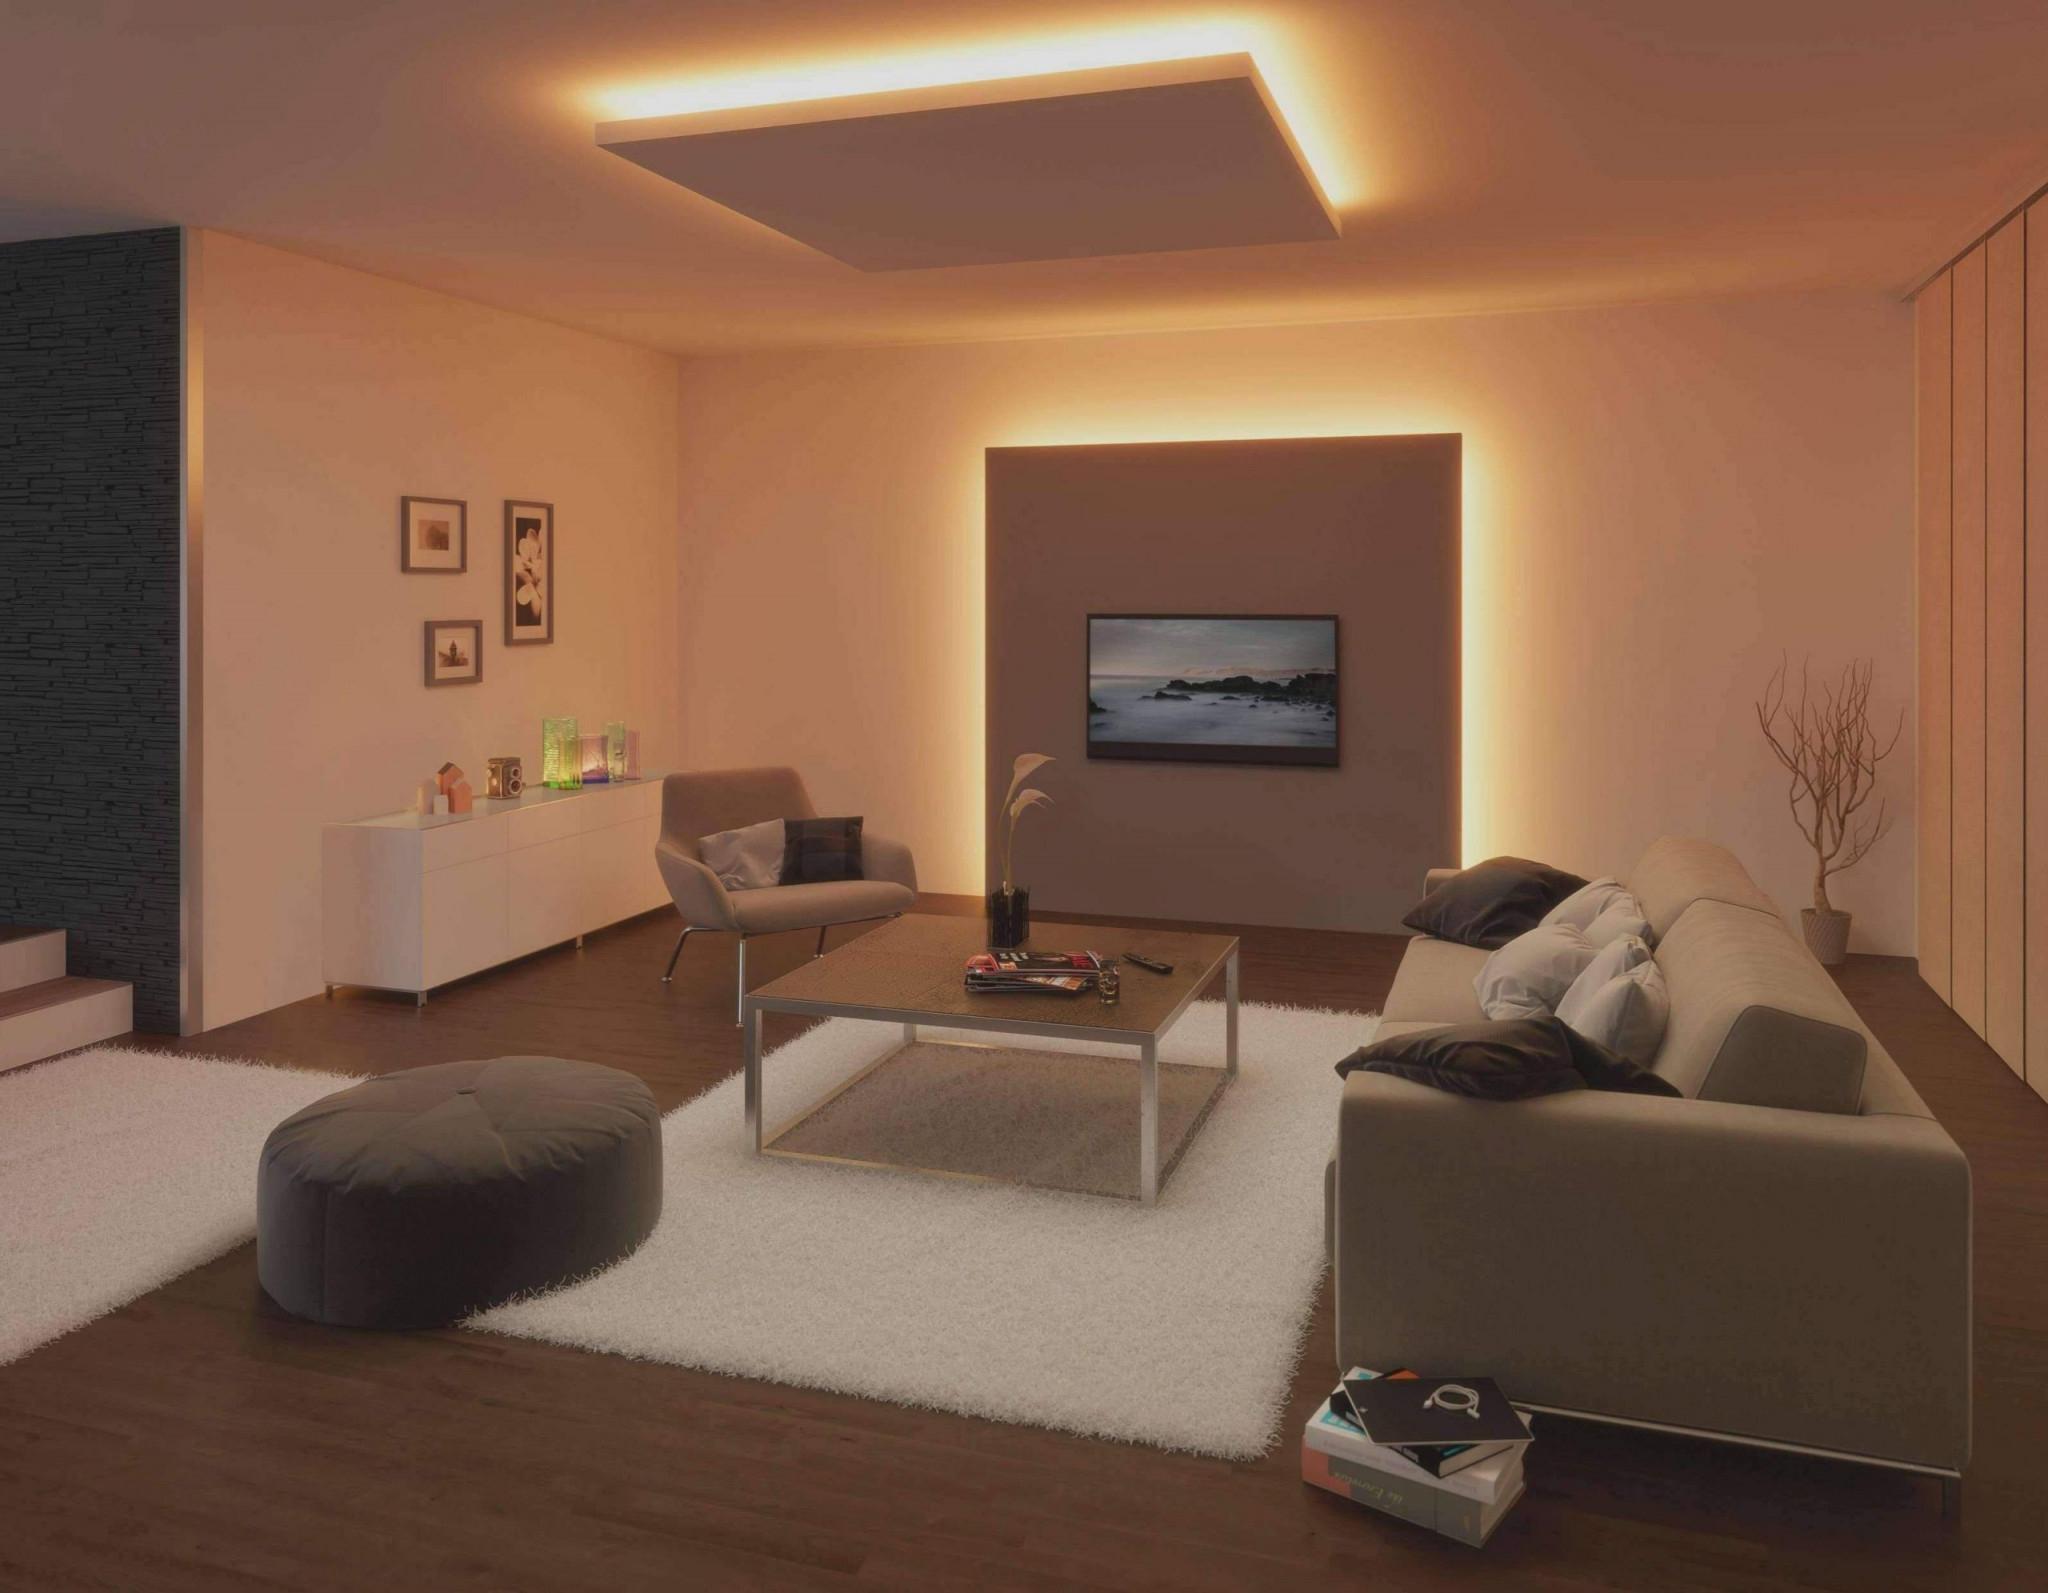 29 Genial Wohnzimmer Lampen Decke Reizend  Wohnzimmer Frisch von Lampe Für Wohnzimmer Decke Bild